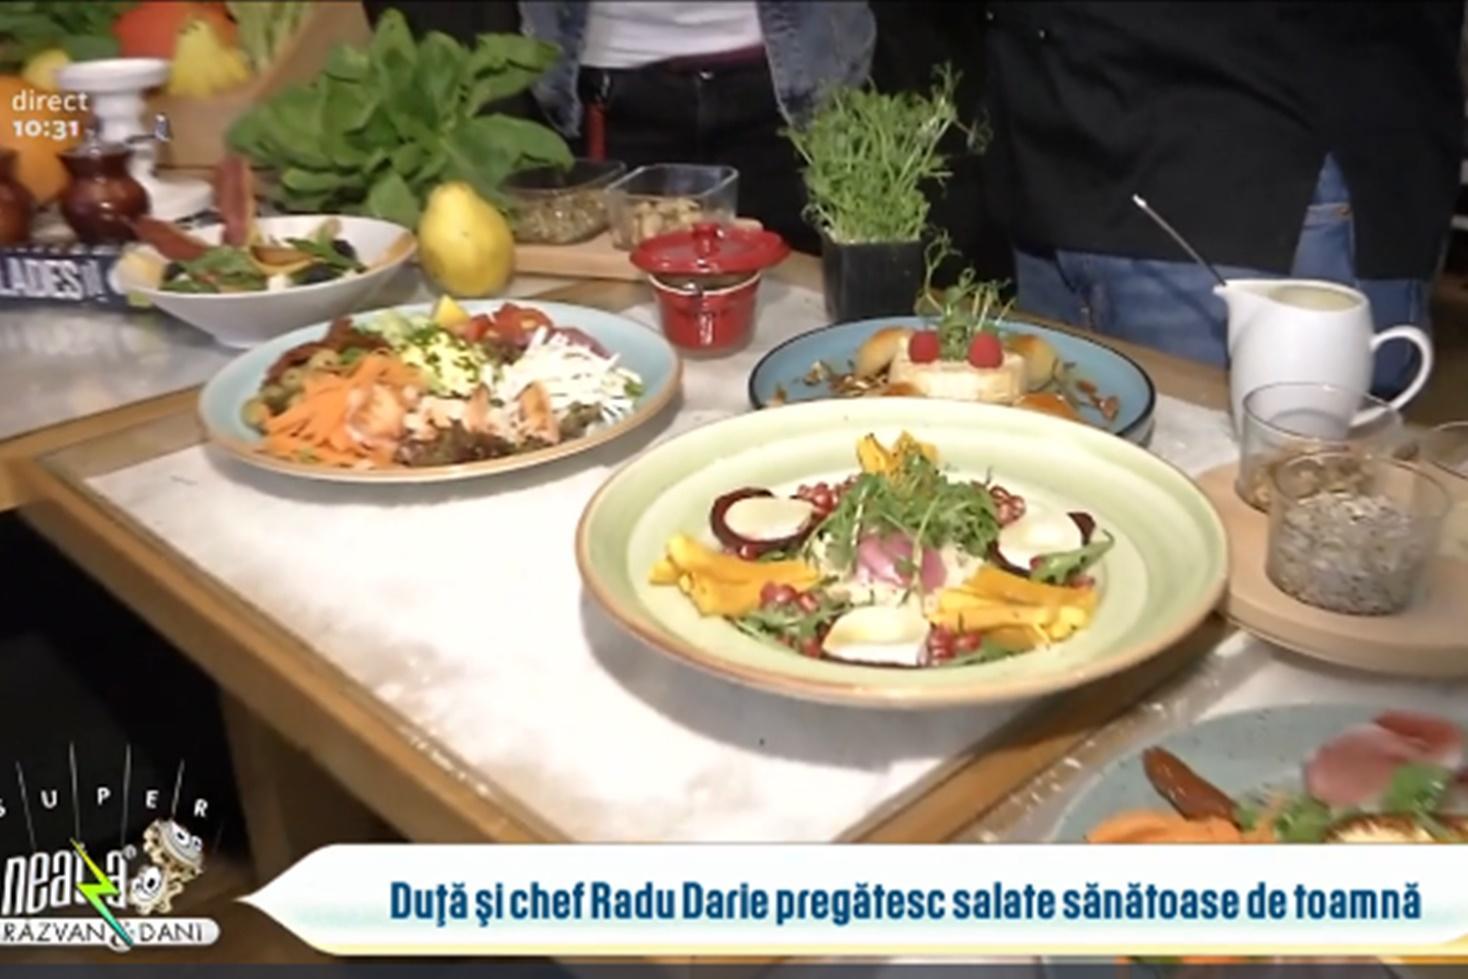 Idei de salate sănătoase și gustoase cu legume și fructe de toamnă